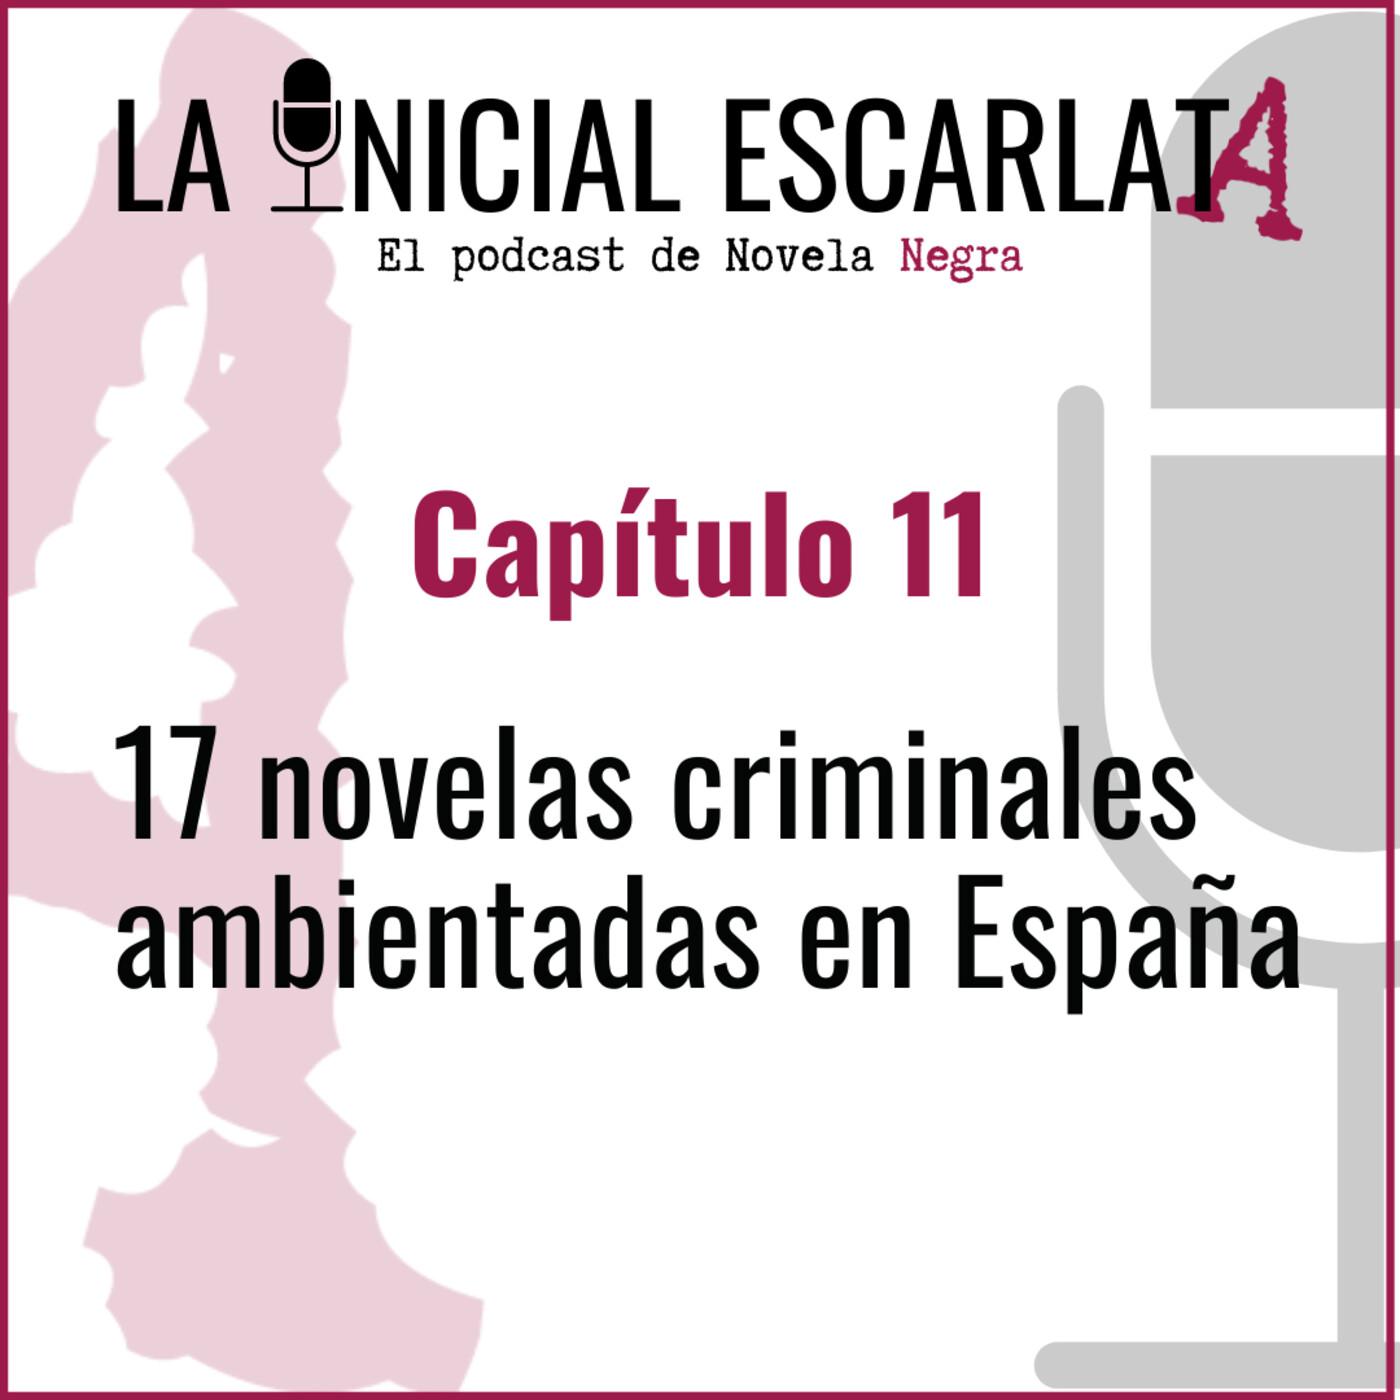 Capítulo 11: 17 novelas criminales ambientadas en España